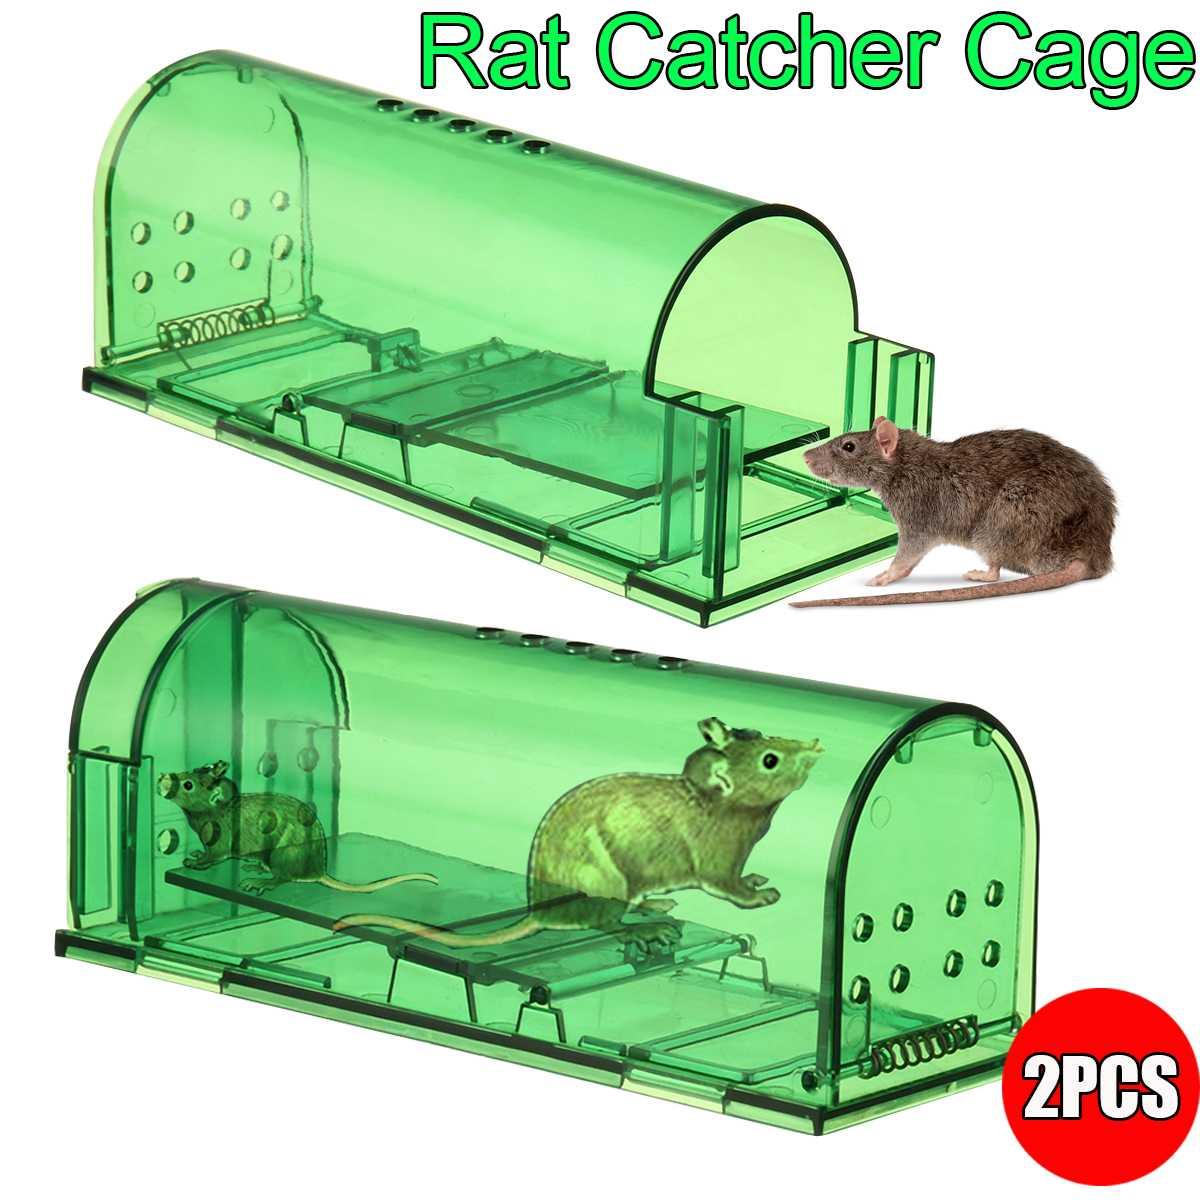 2PCS Mouse Trap Case Plastic Reusable Rat Catcher Cage Rodent Pest Humane Large Live Rodent Outdoor Indoor Garden Mousetrap